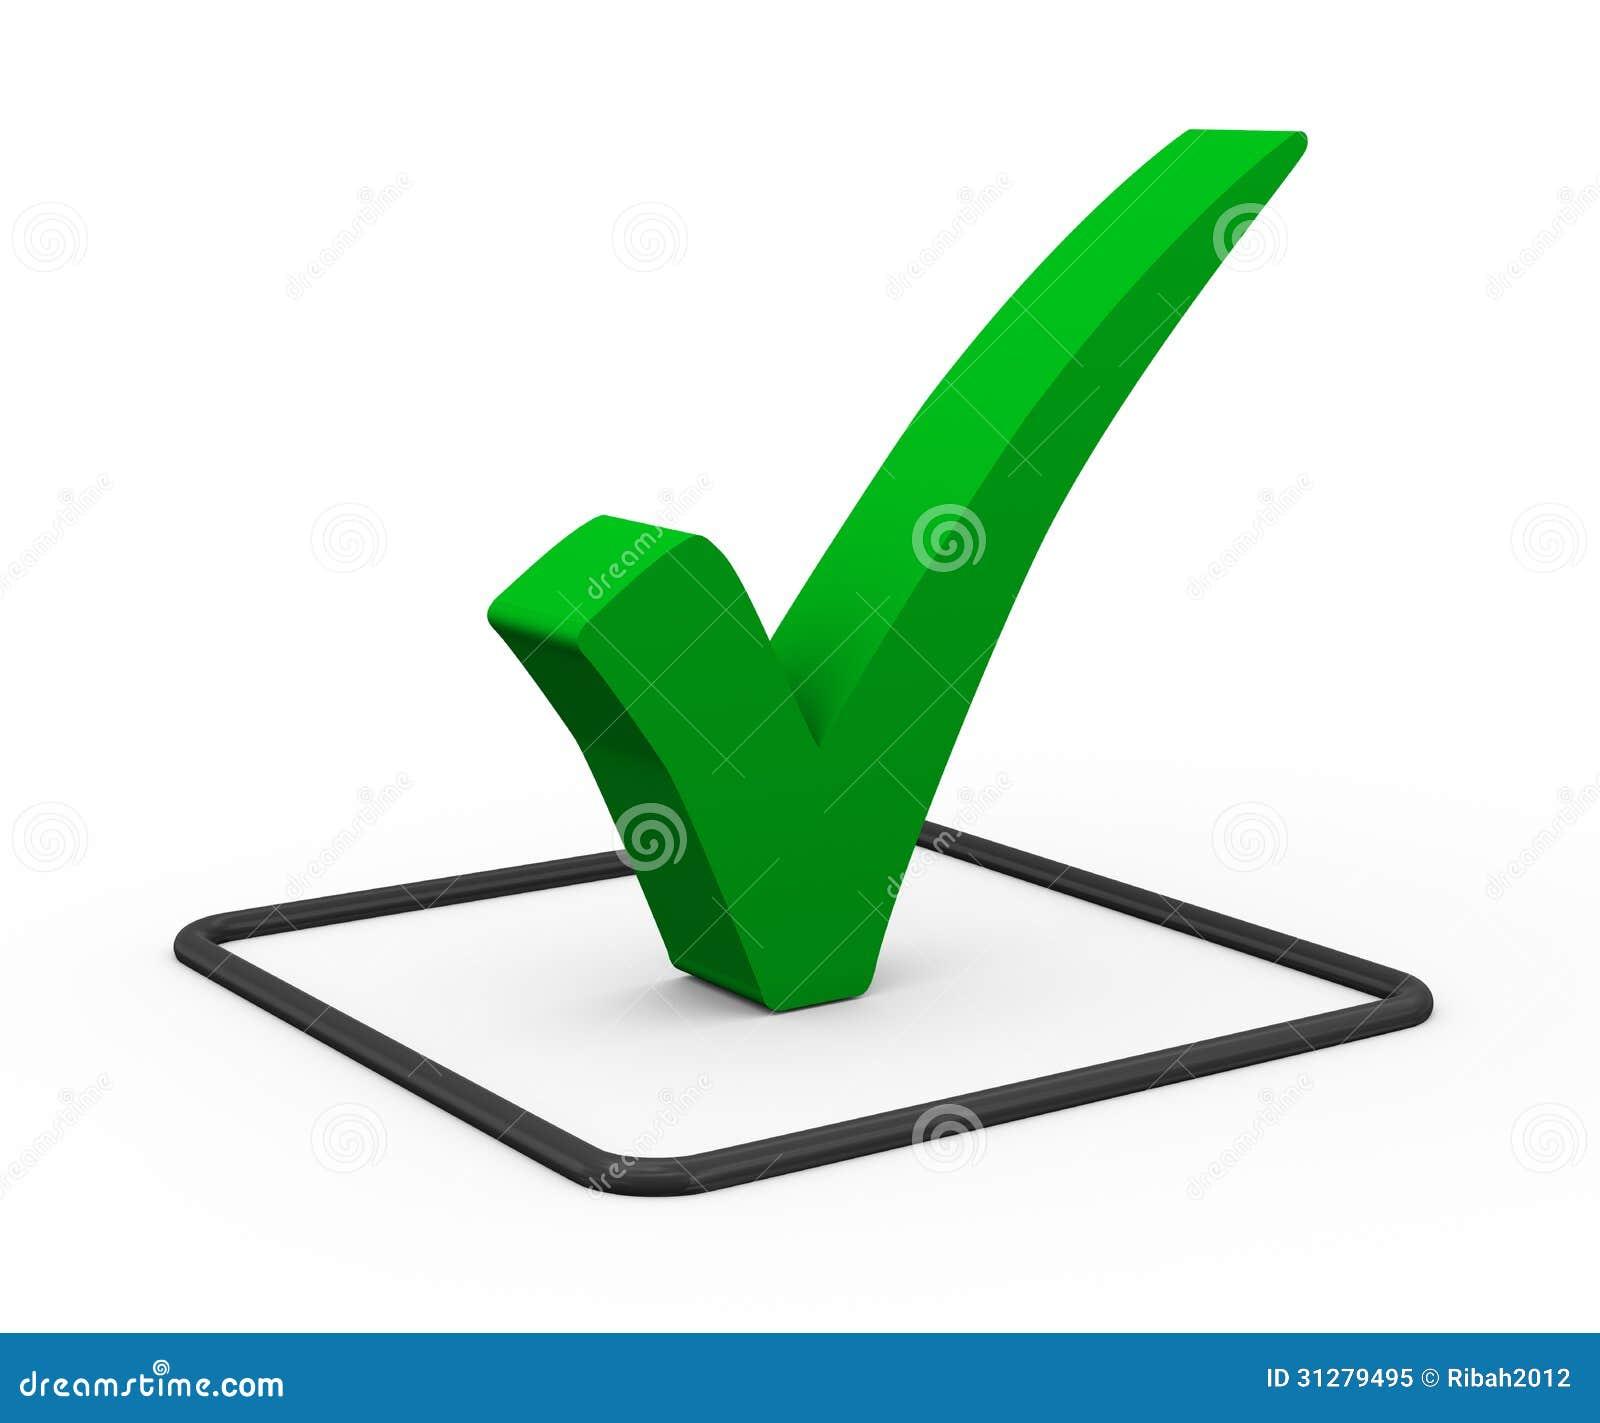 No Credit Check Credit Cards >> 3d Green Check Mark Royalty Free Stock Photo - Image: 31279495